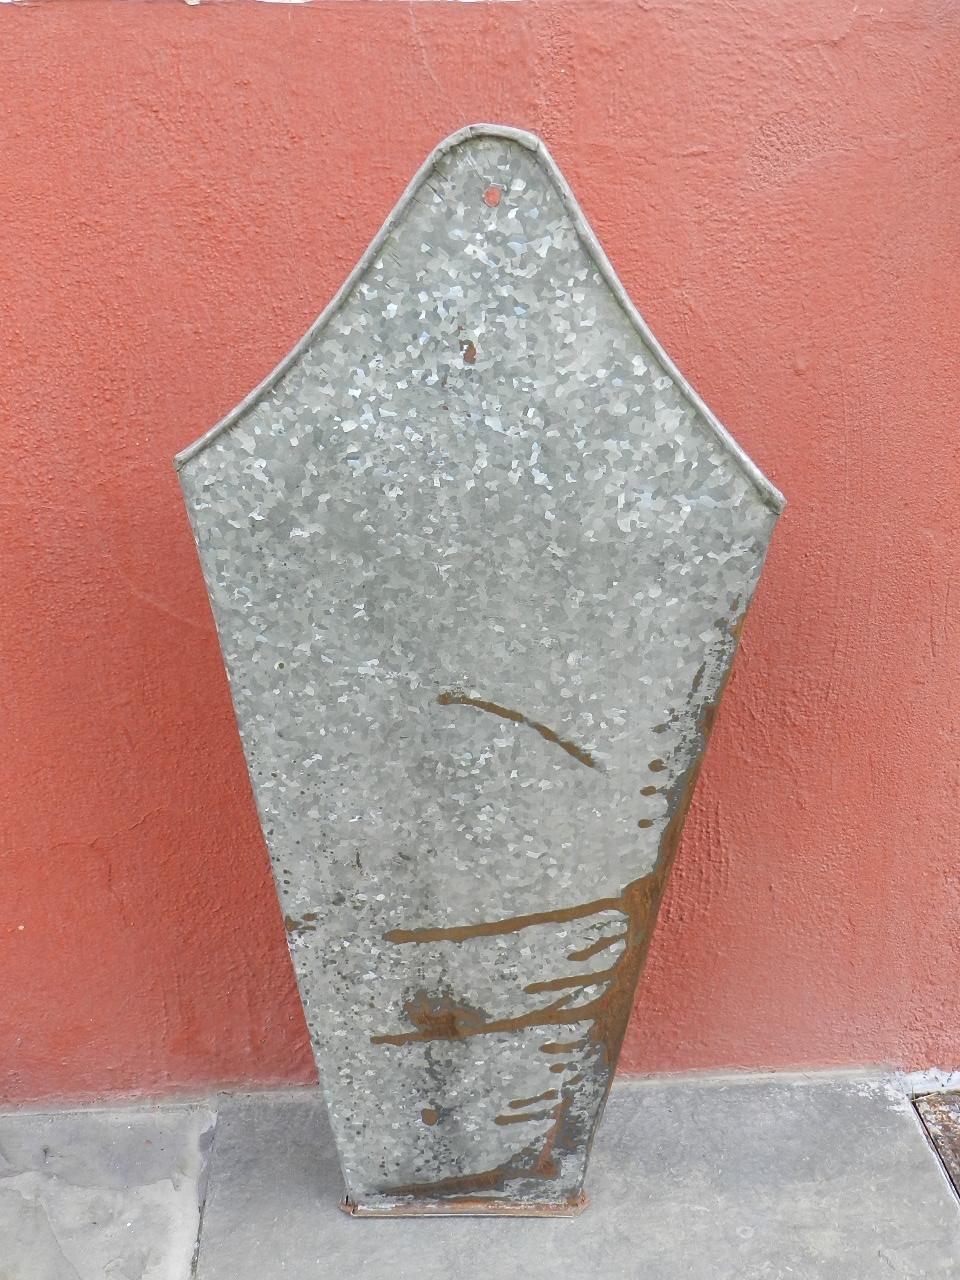 Imagen PARAGUERO DE ZINC 36536